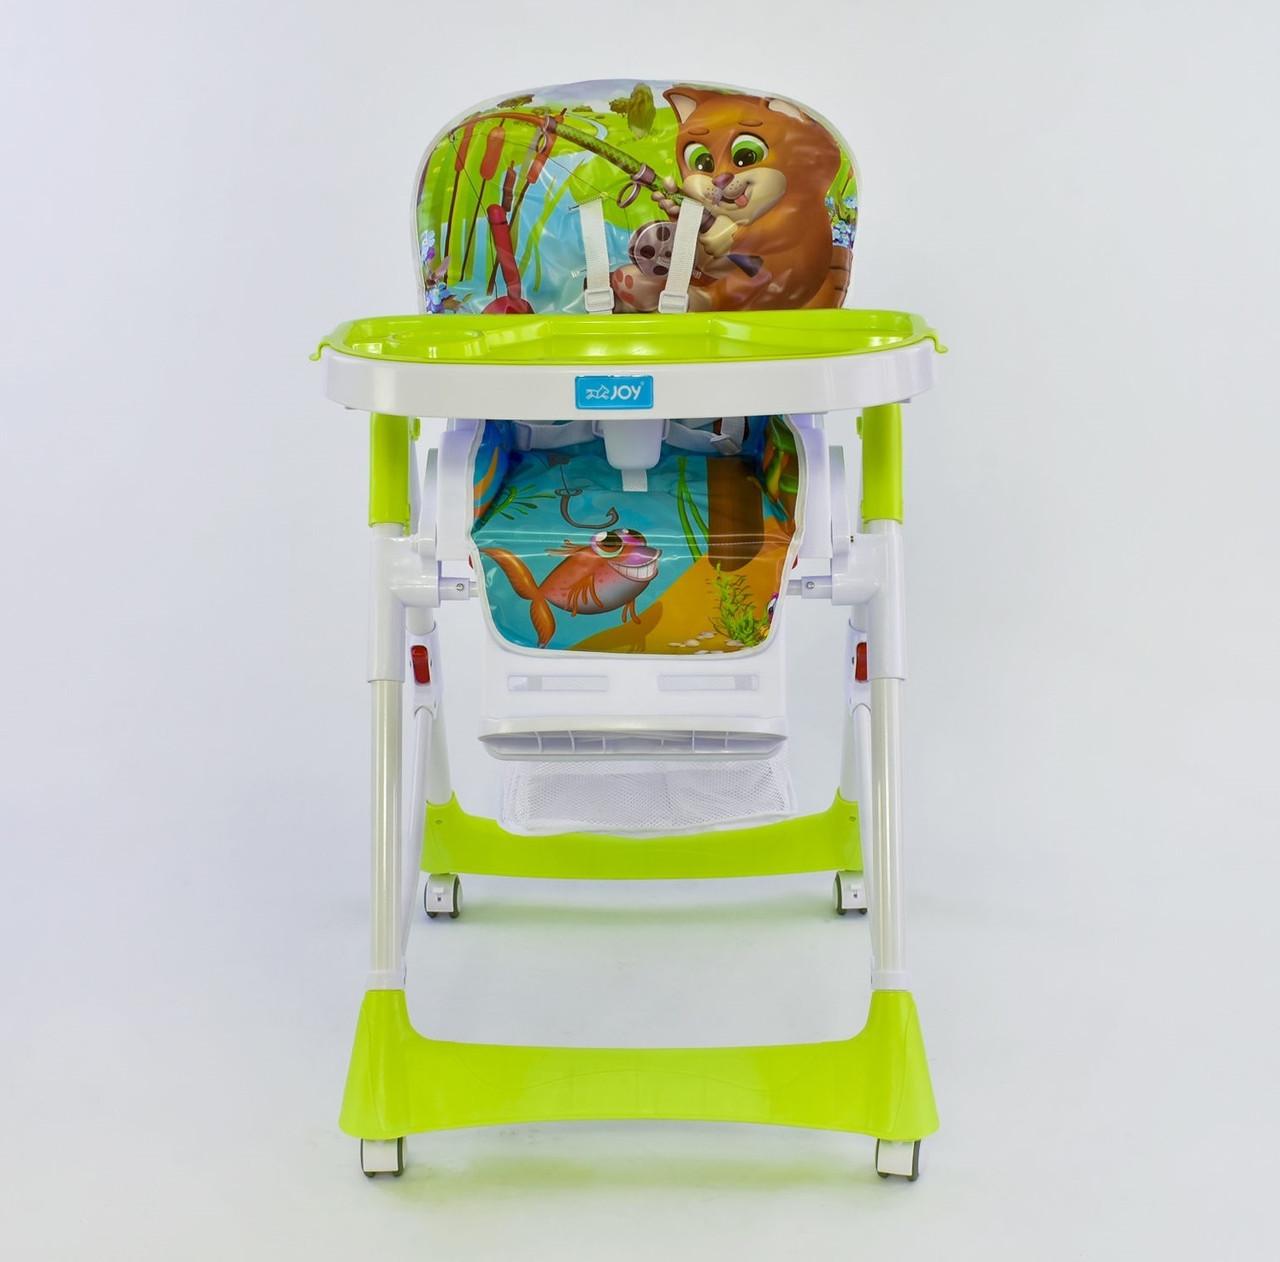 Joy Стульчик для кормления Joy J 4100 Lime Green (J 4100)